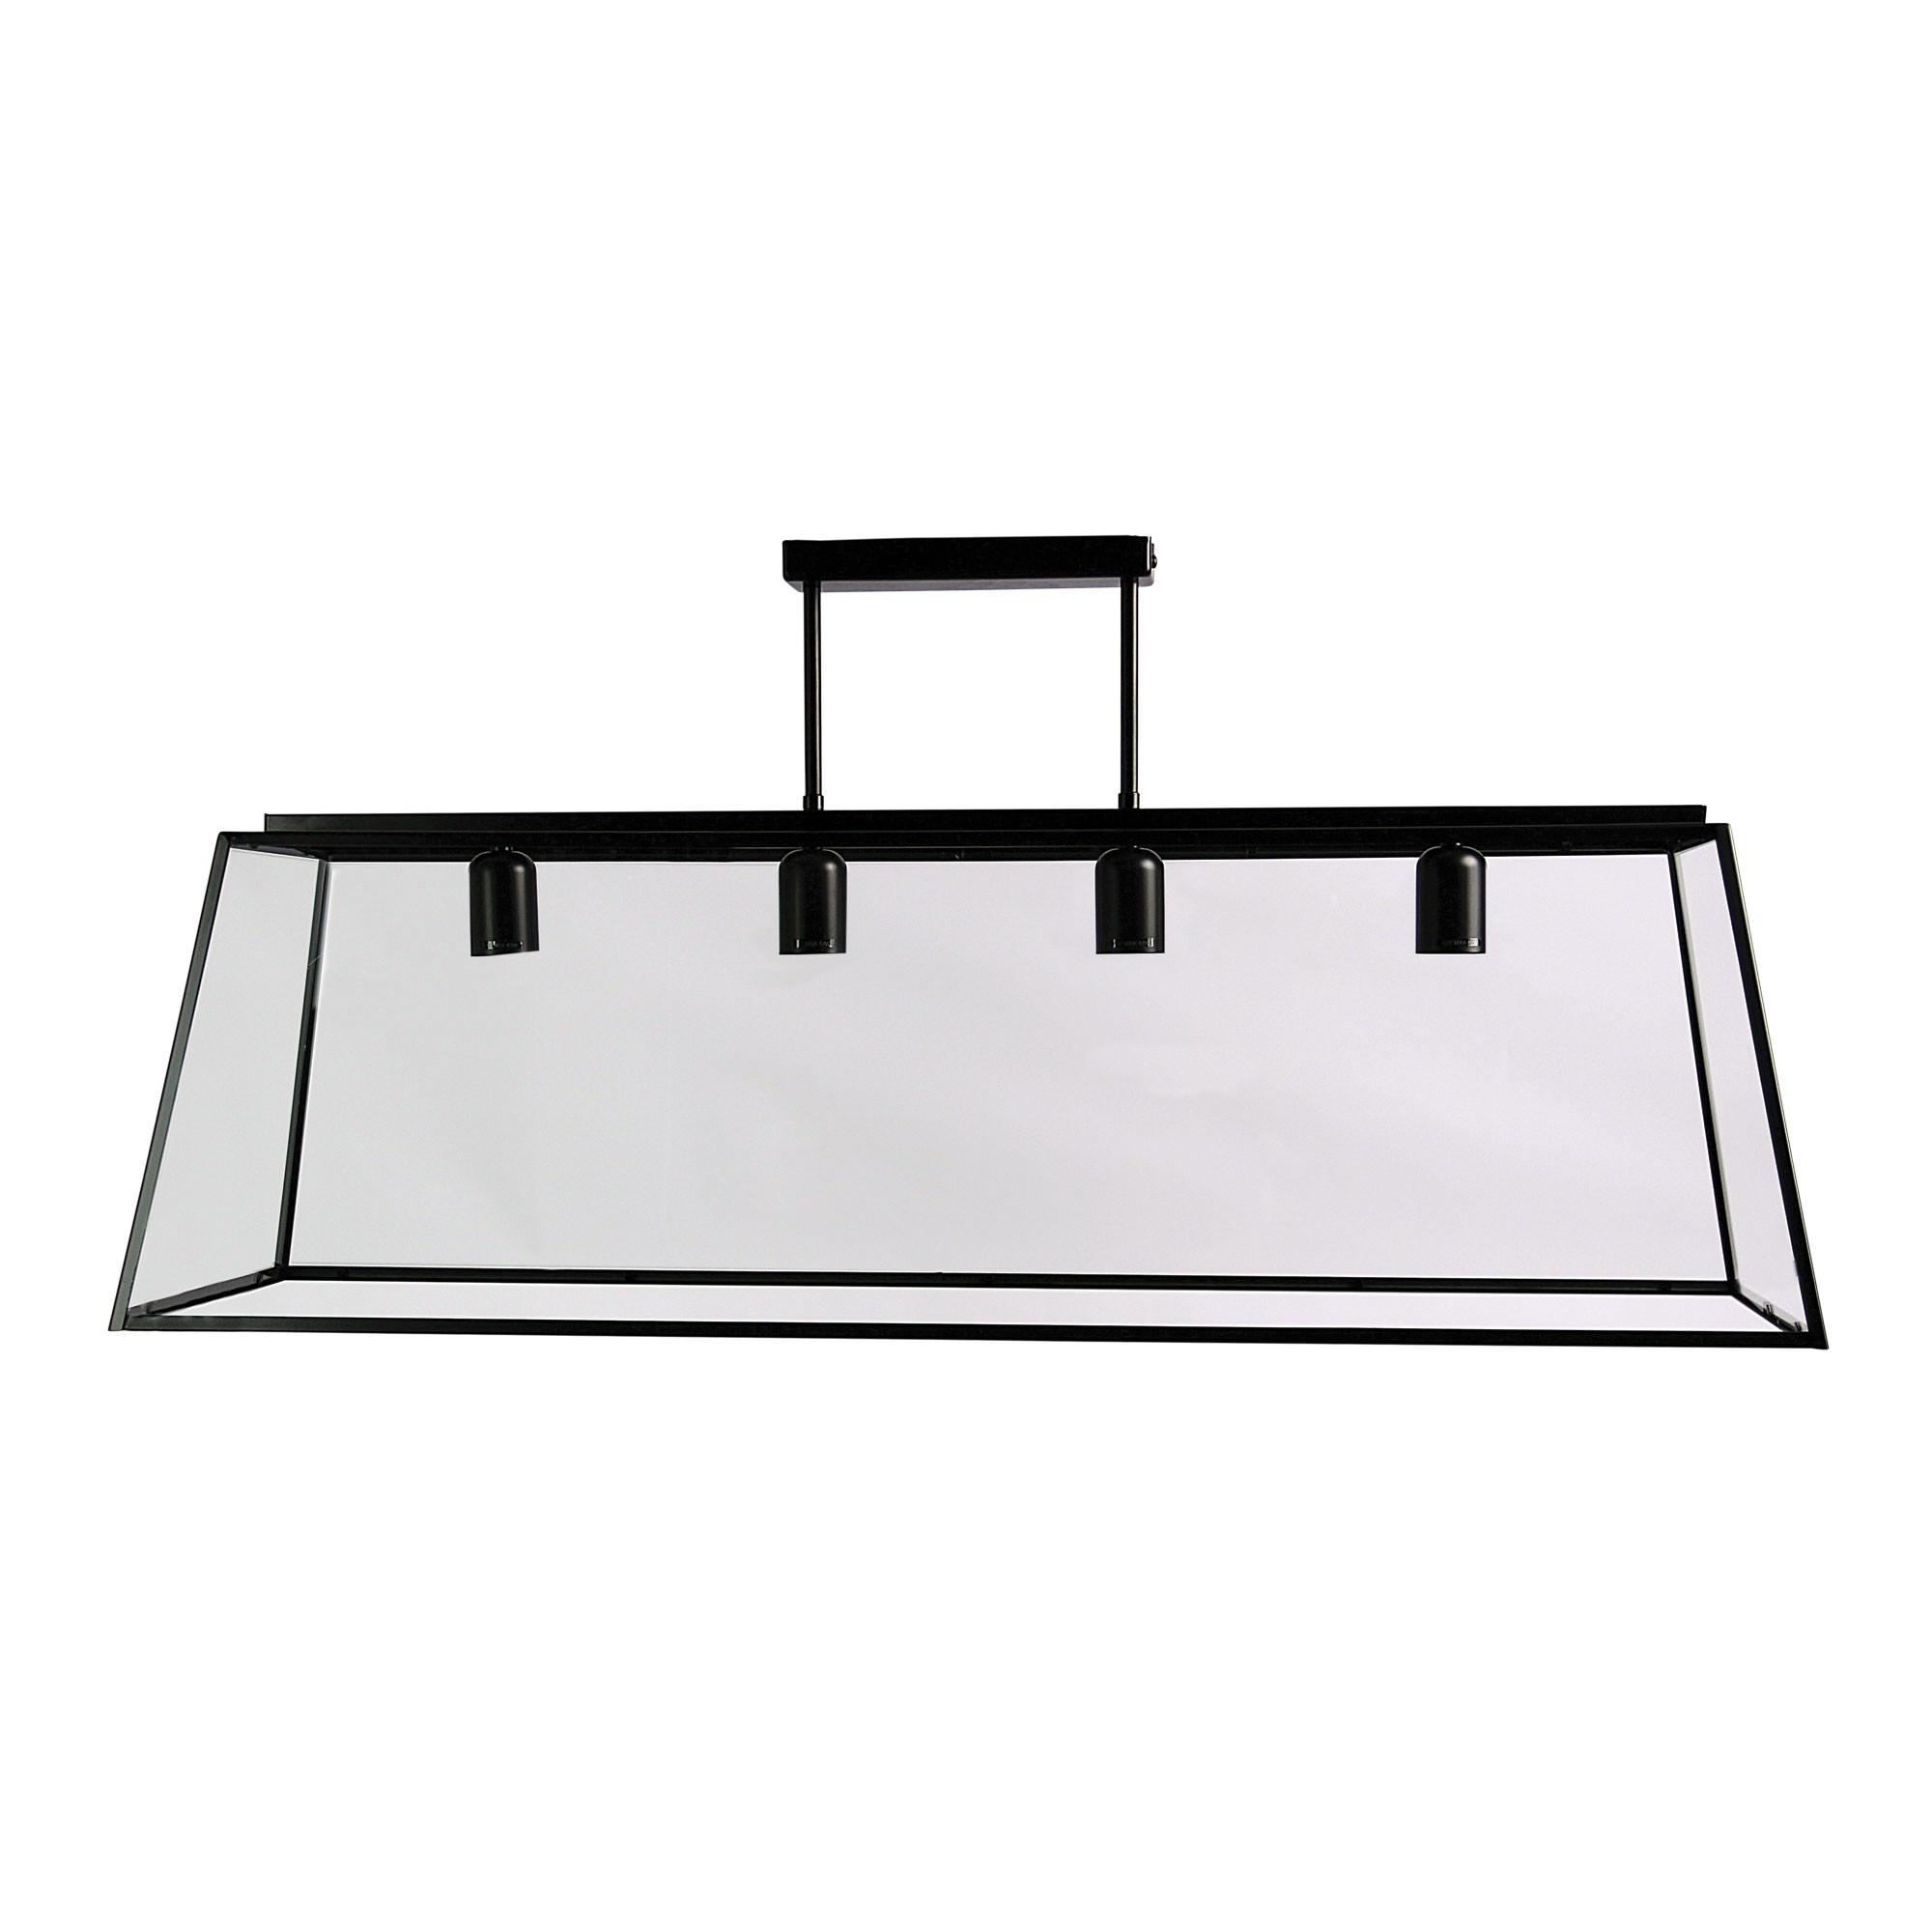 Eaton Trapezoid Metal & Glass Penant Light, 4 Light